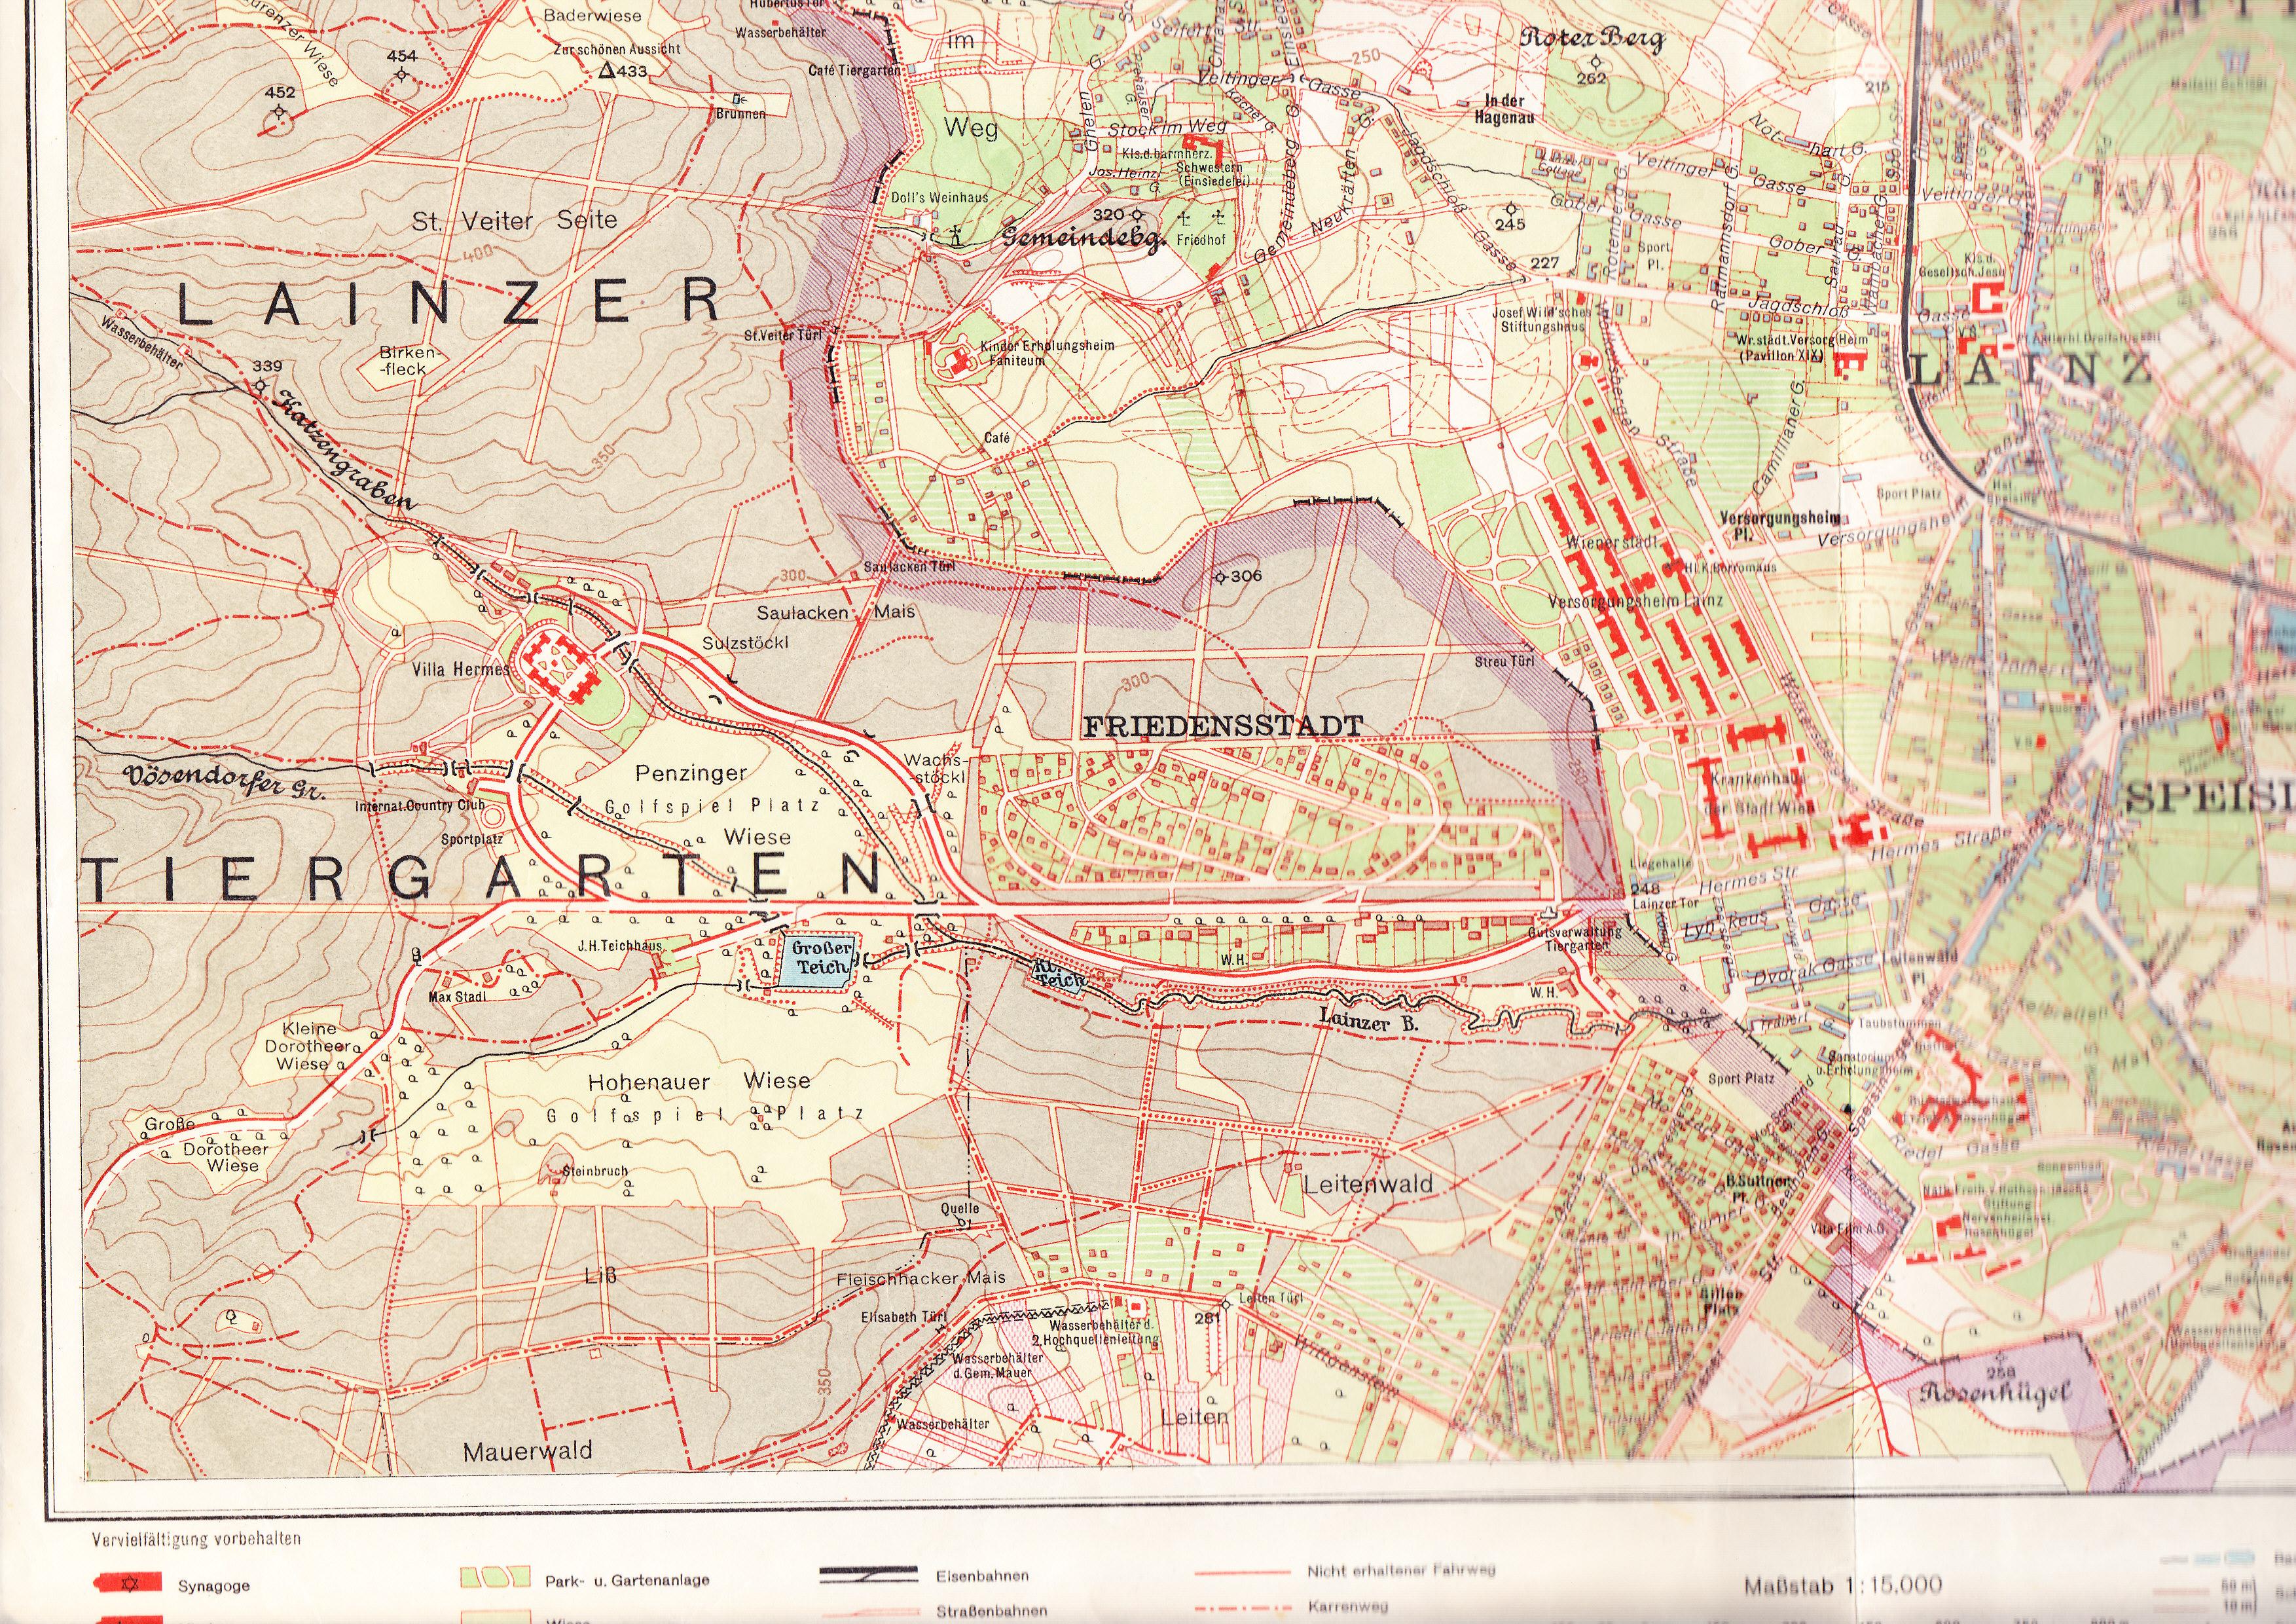 Lainzer Tiergarten Karte im Lainzer Tiergarten.jpg